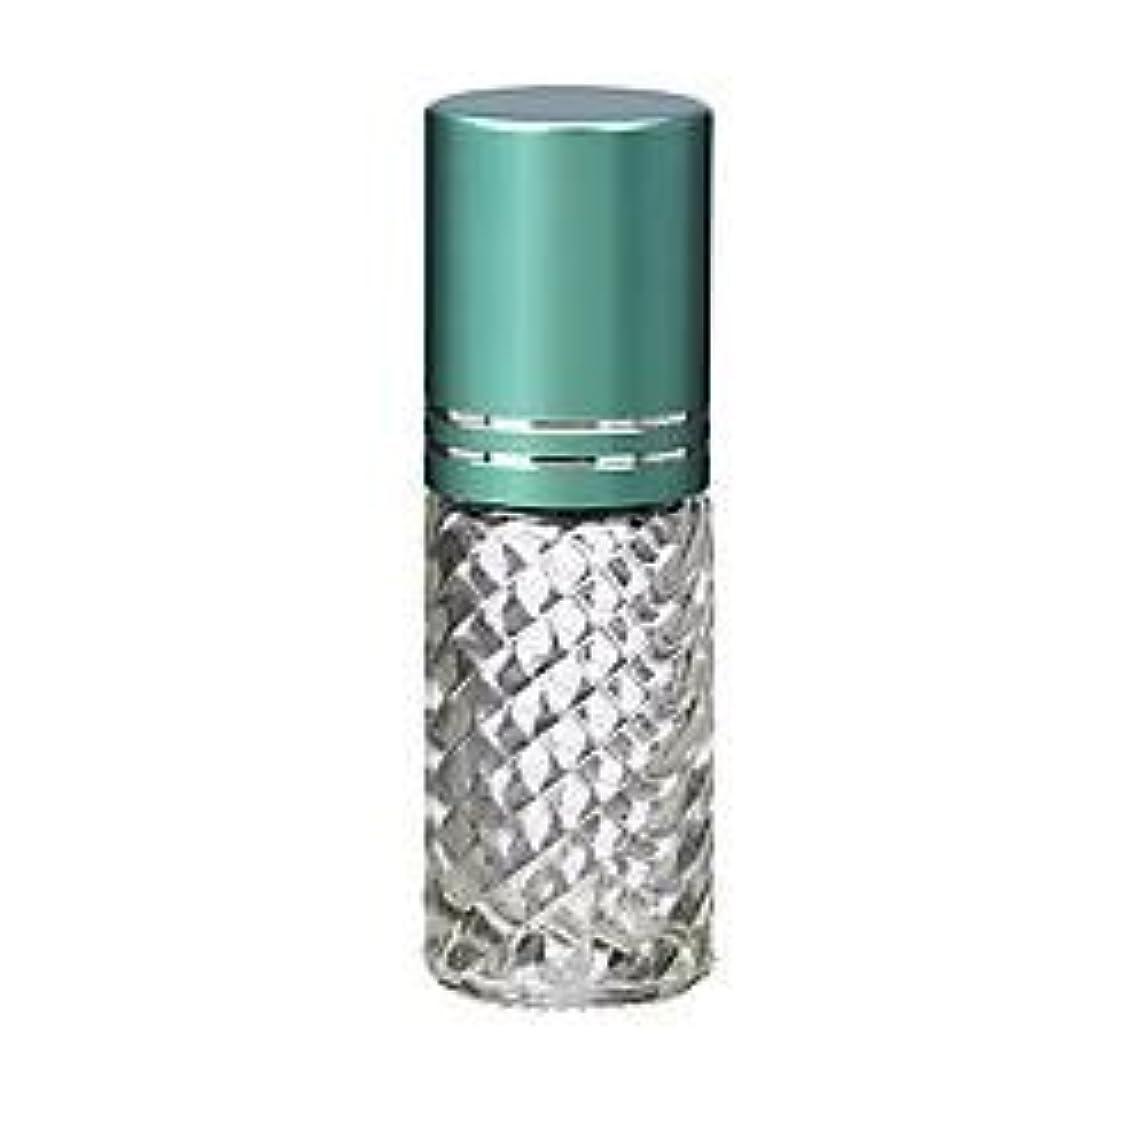 北会計昼寝4 Bottles Fancy Large 30ml Roll On Empty Glass Bottles for Essential Oils Refillable 1 Oz Glass Roller Ball Roll-On...